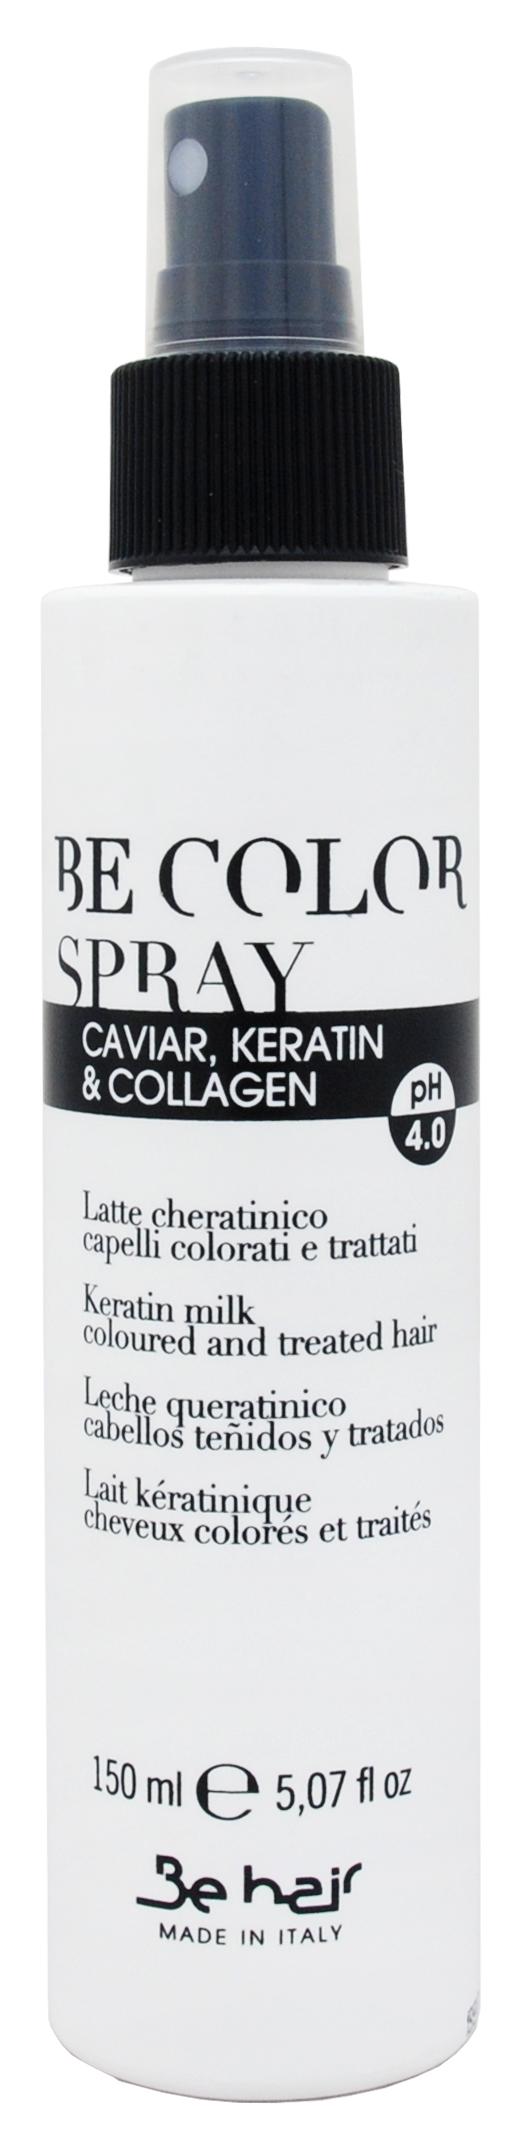 Купить Be Hair Молочко с кератином для окрашенных и поврежденных волос 150 мл (Be Hair, Be Tech)